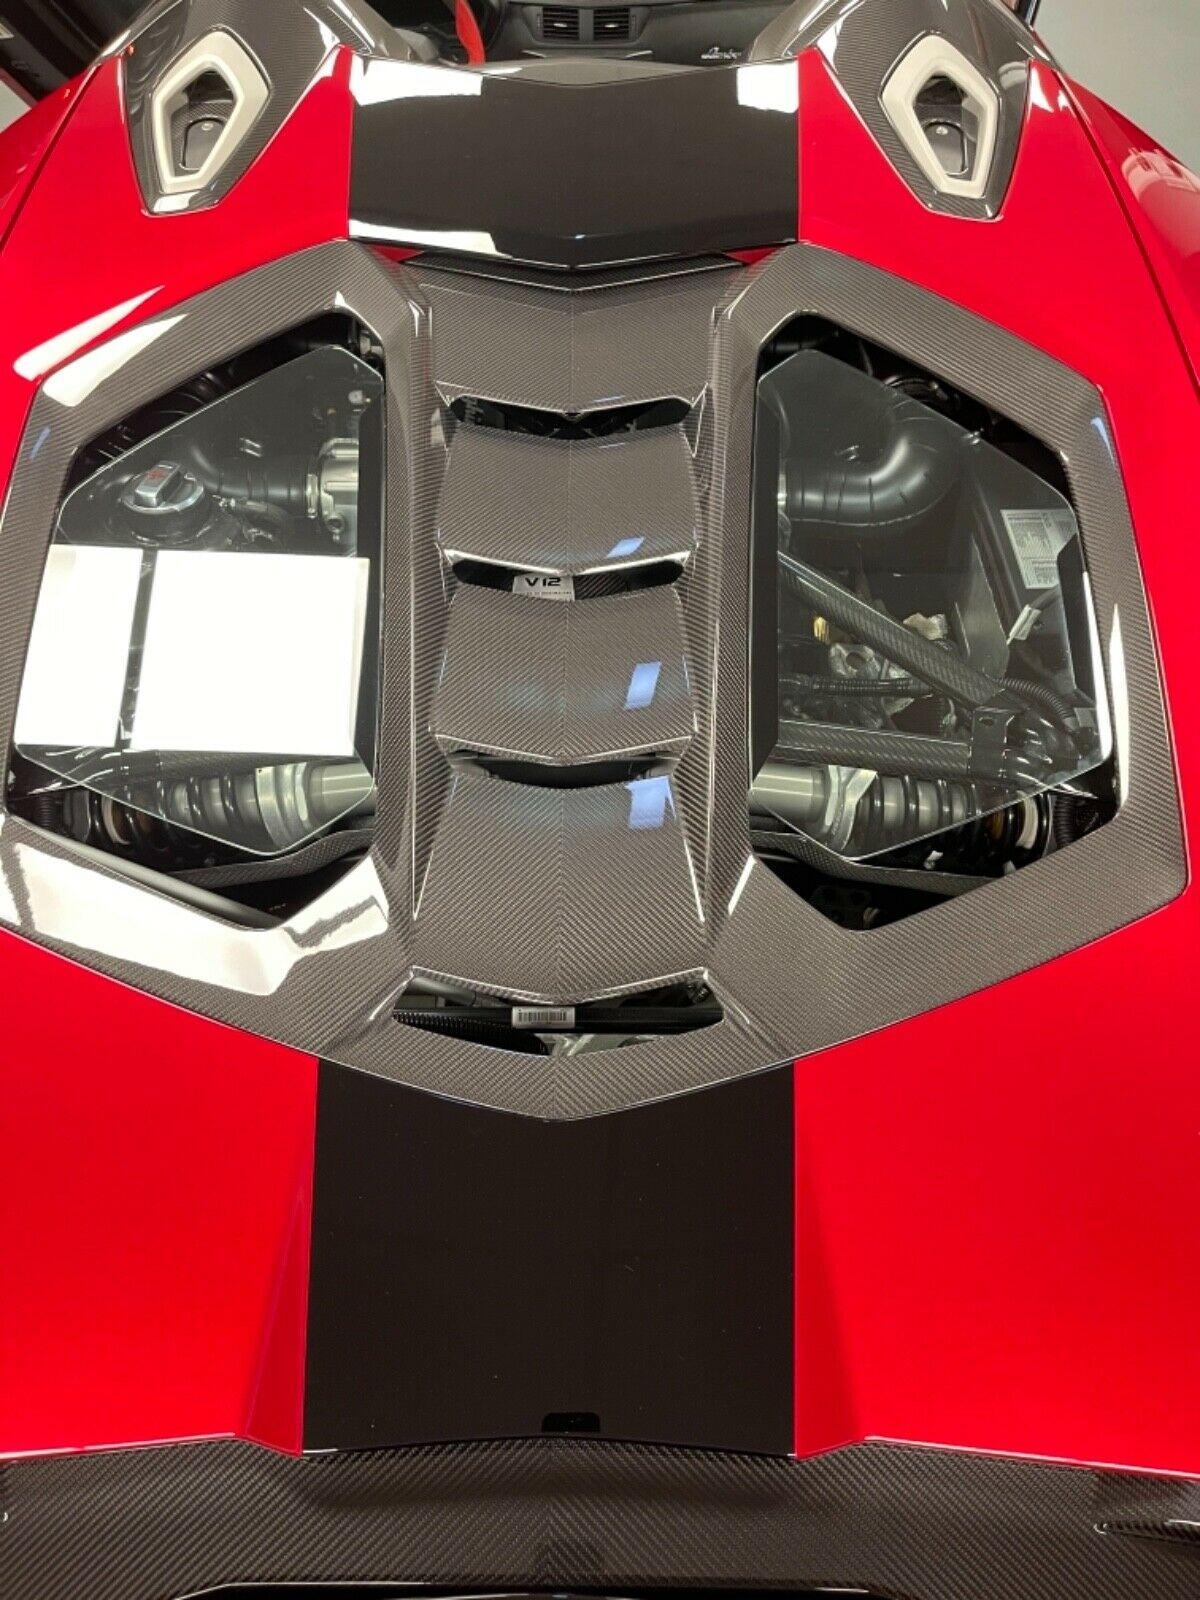 Lamborghini Centenario vẫn được trang bị động cơ V12 hút khí tự nhiên, dung tích 6.5 lít nhưng được tinh chỉnh cho ra công suất cực đại 770 mã lực cùng 690 Nm mô-men xoắn.